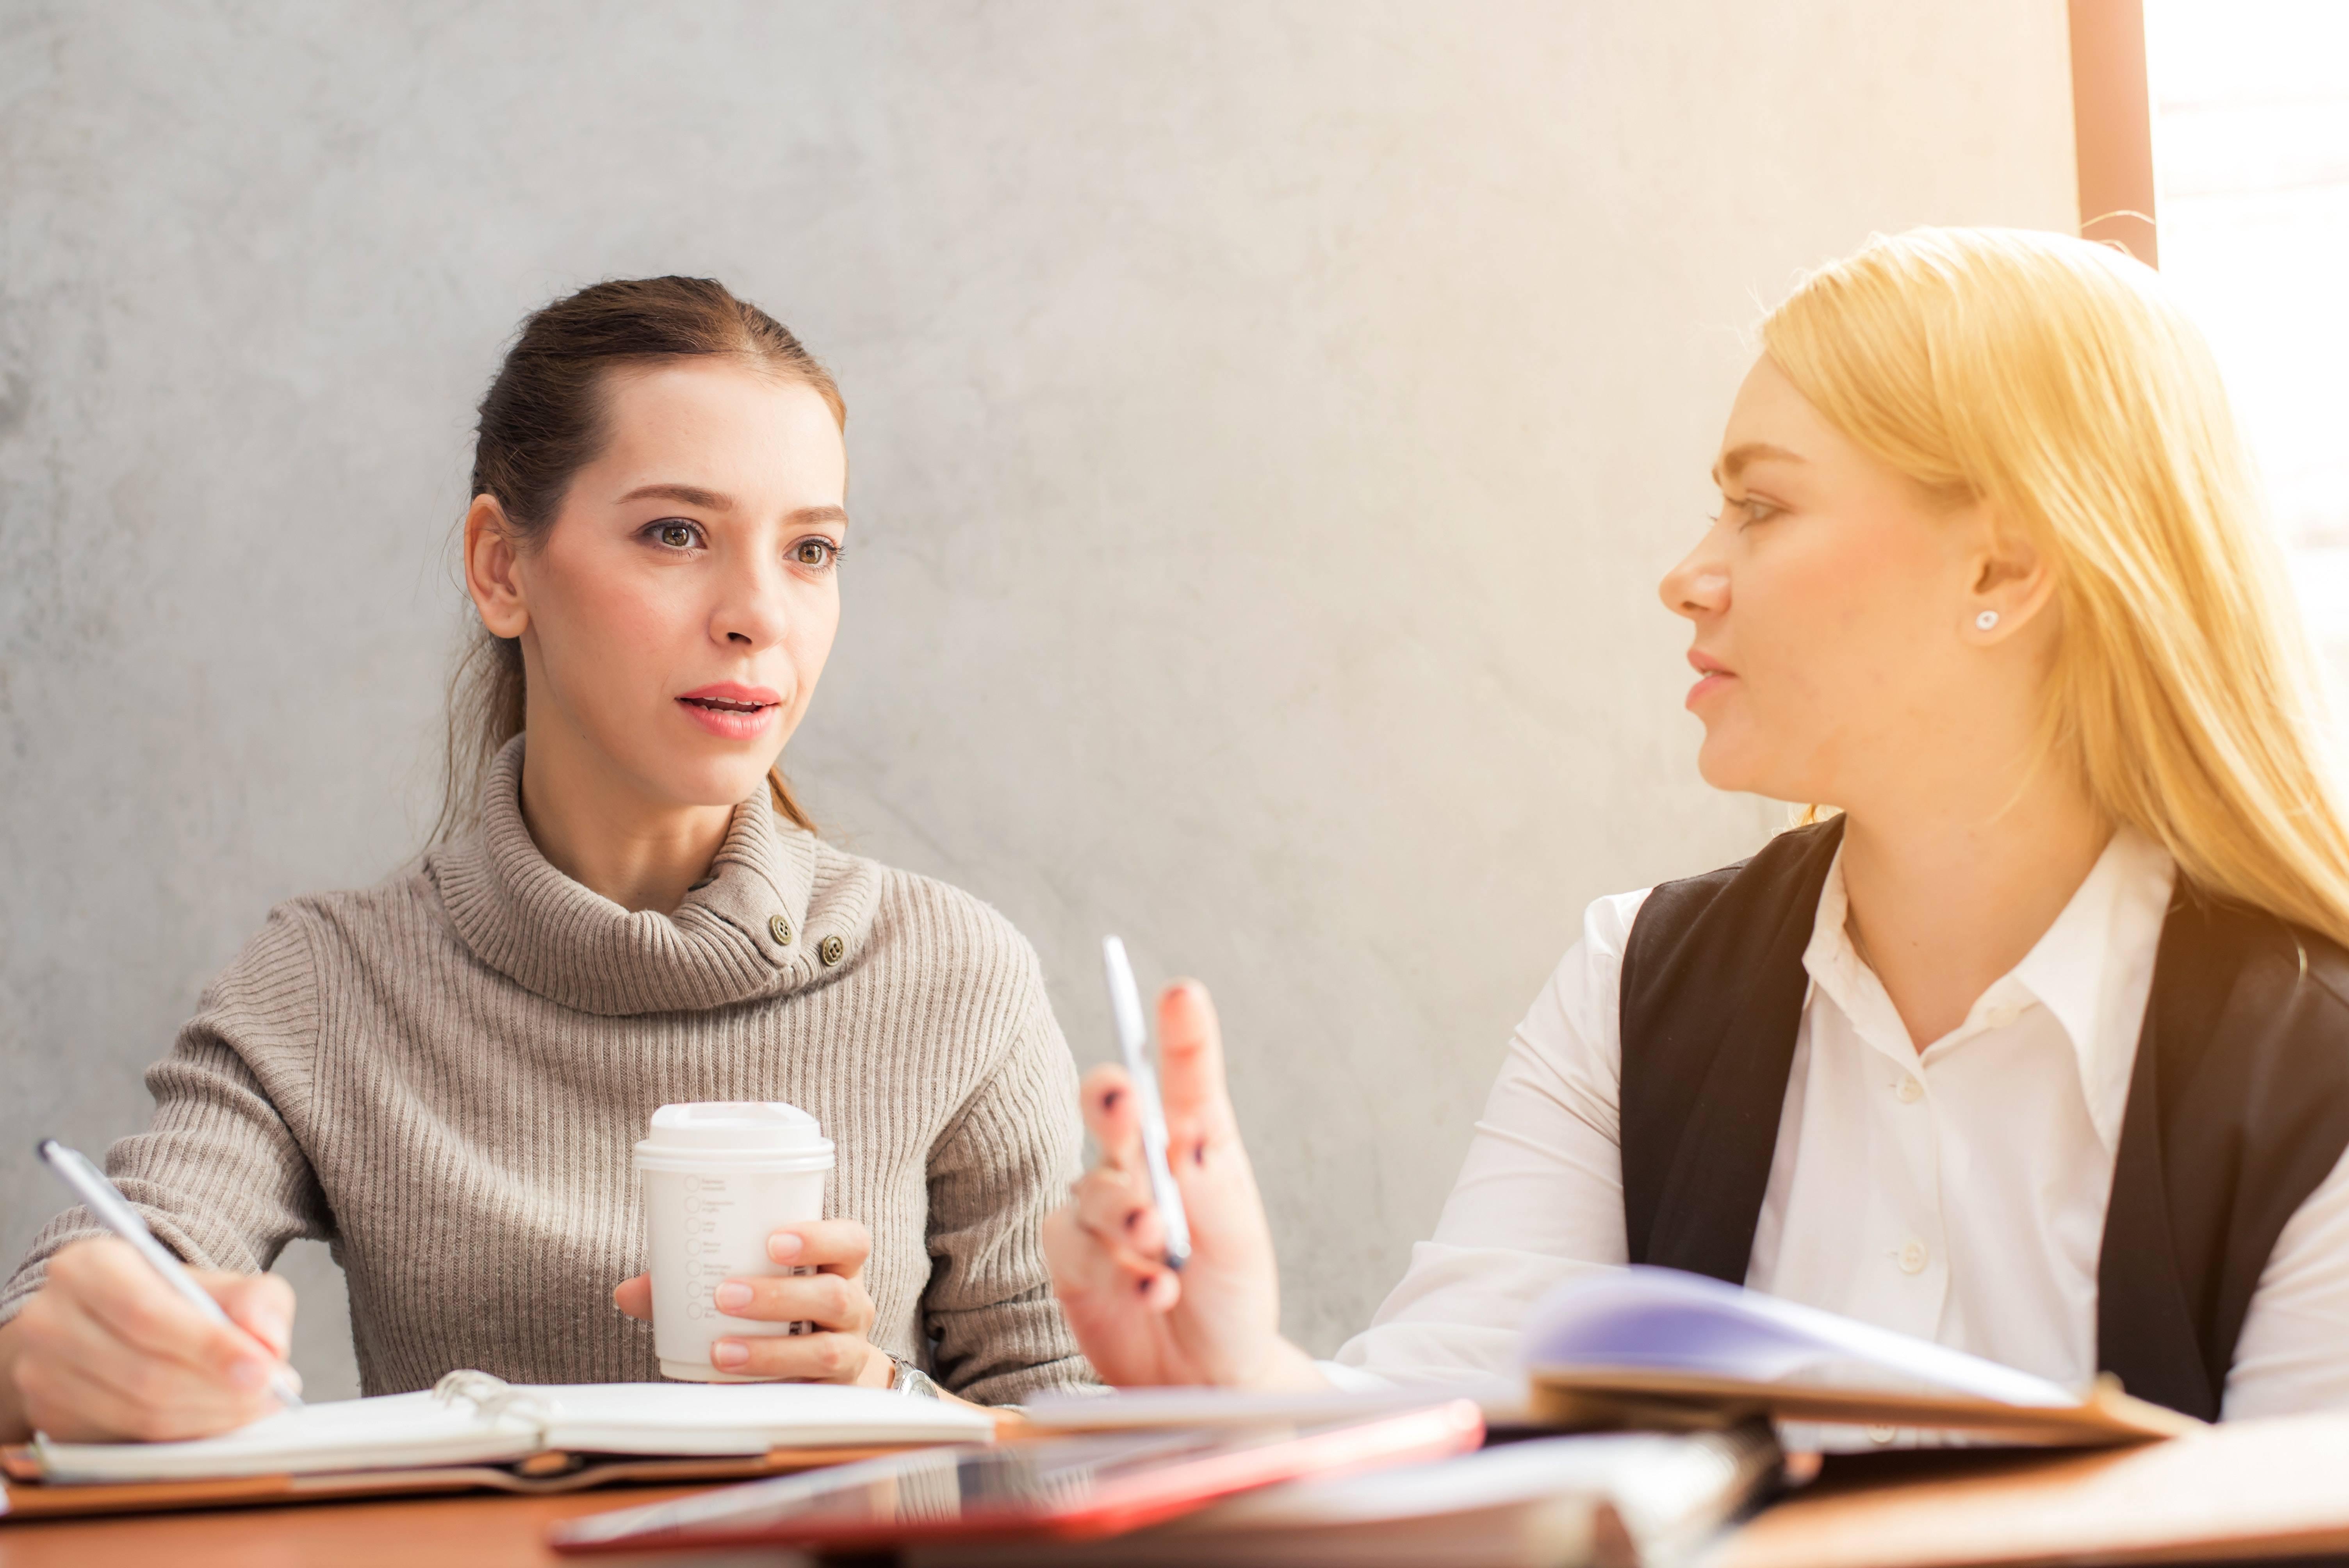 财务人员最重要的考试越来越多人参加,今年条件还放宽了